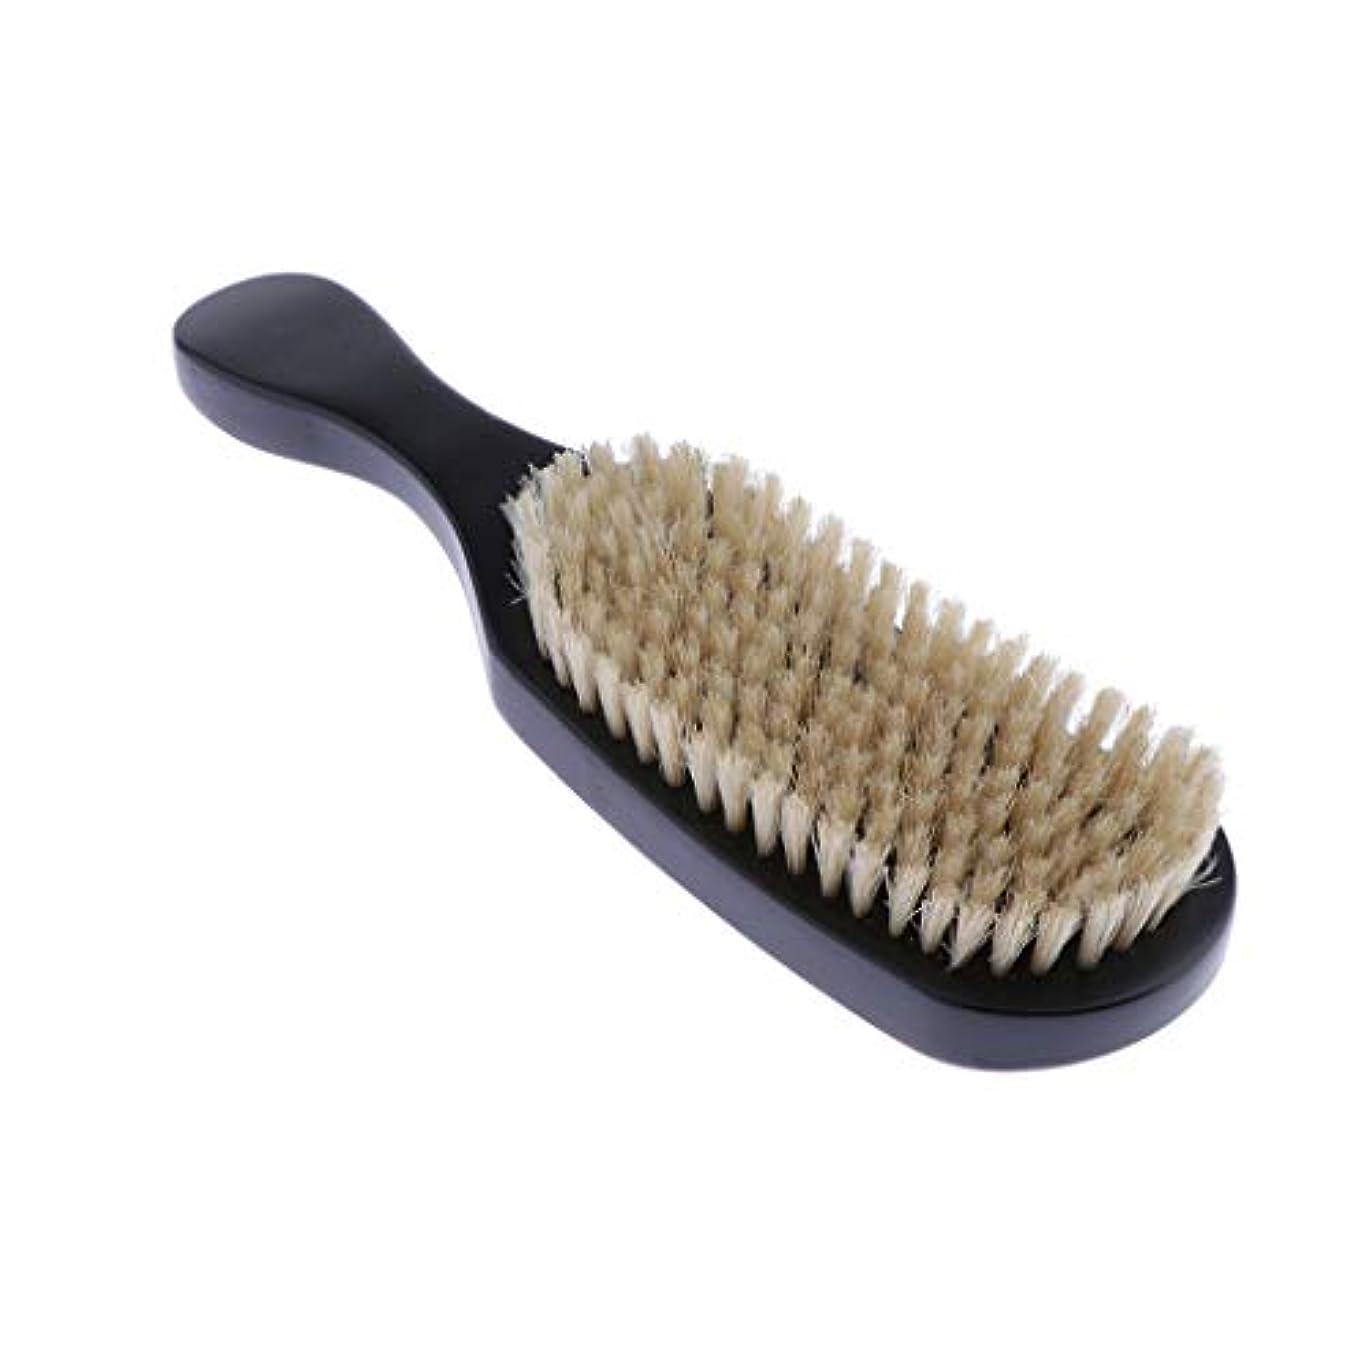 ゴネリル繊細カップへアカラーセット ヘアダイブラシ DIY髪染め用 サロン 美髪師用 ヘアカラーの用具 全4色 - ブラック